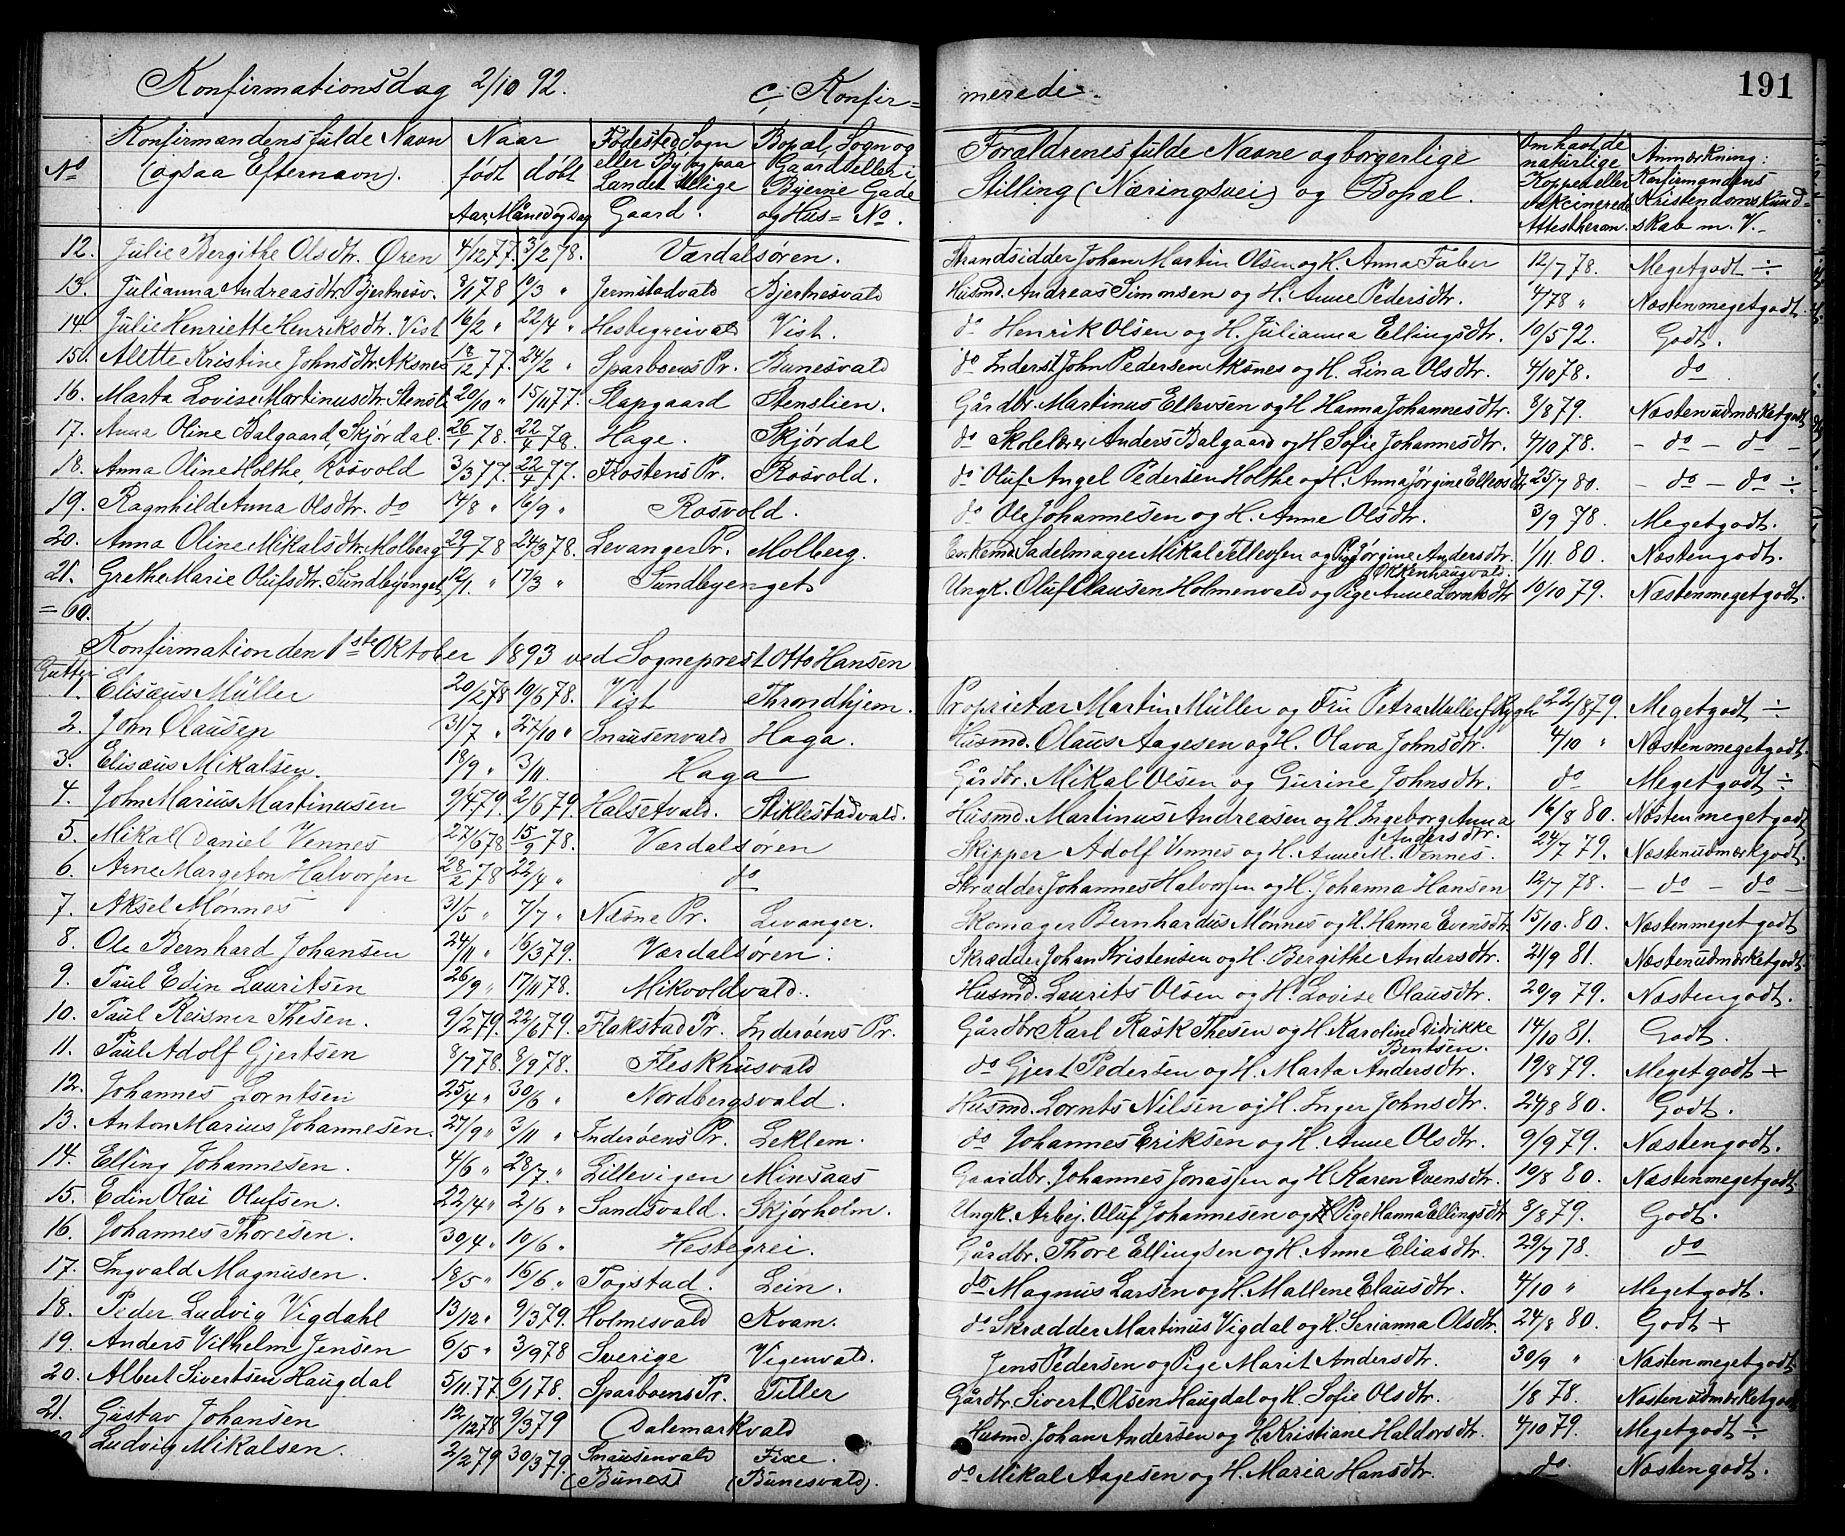 SAT, Ministerialprotokoller, klokkerbøker og fødselsregistre - Nord-Trøndelag, 723/L0257: Klokkerbok nr. 723C05, 1890-1907, s. 191